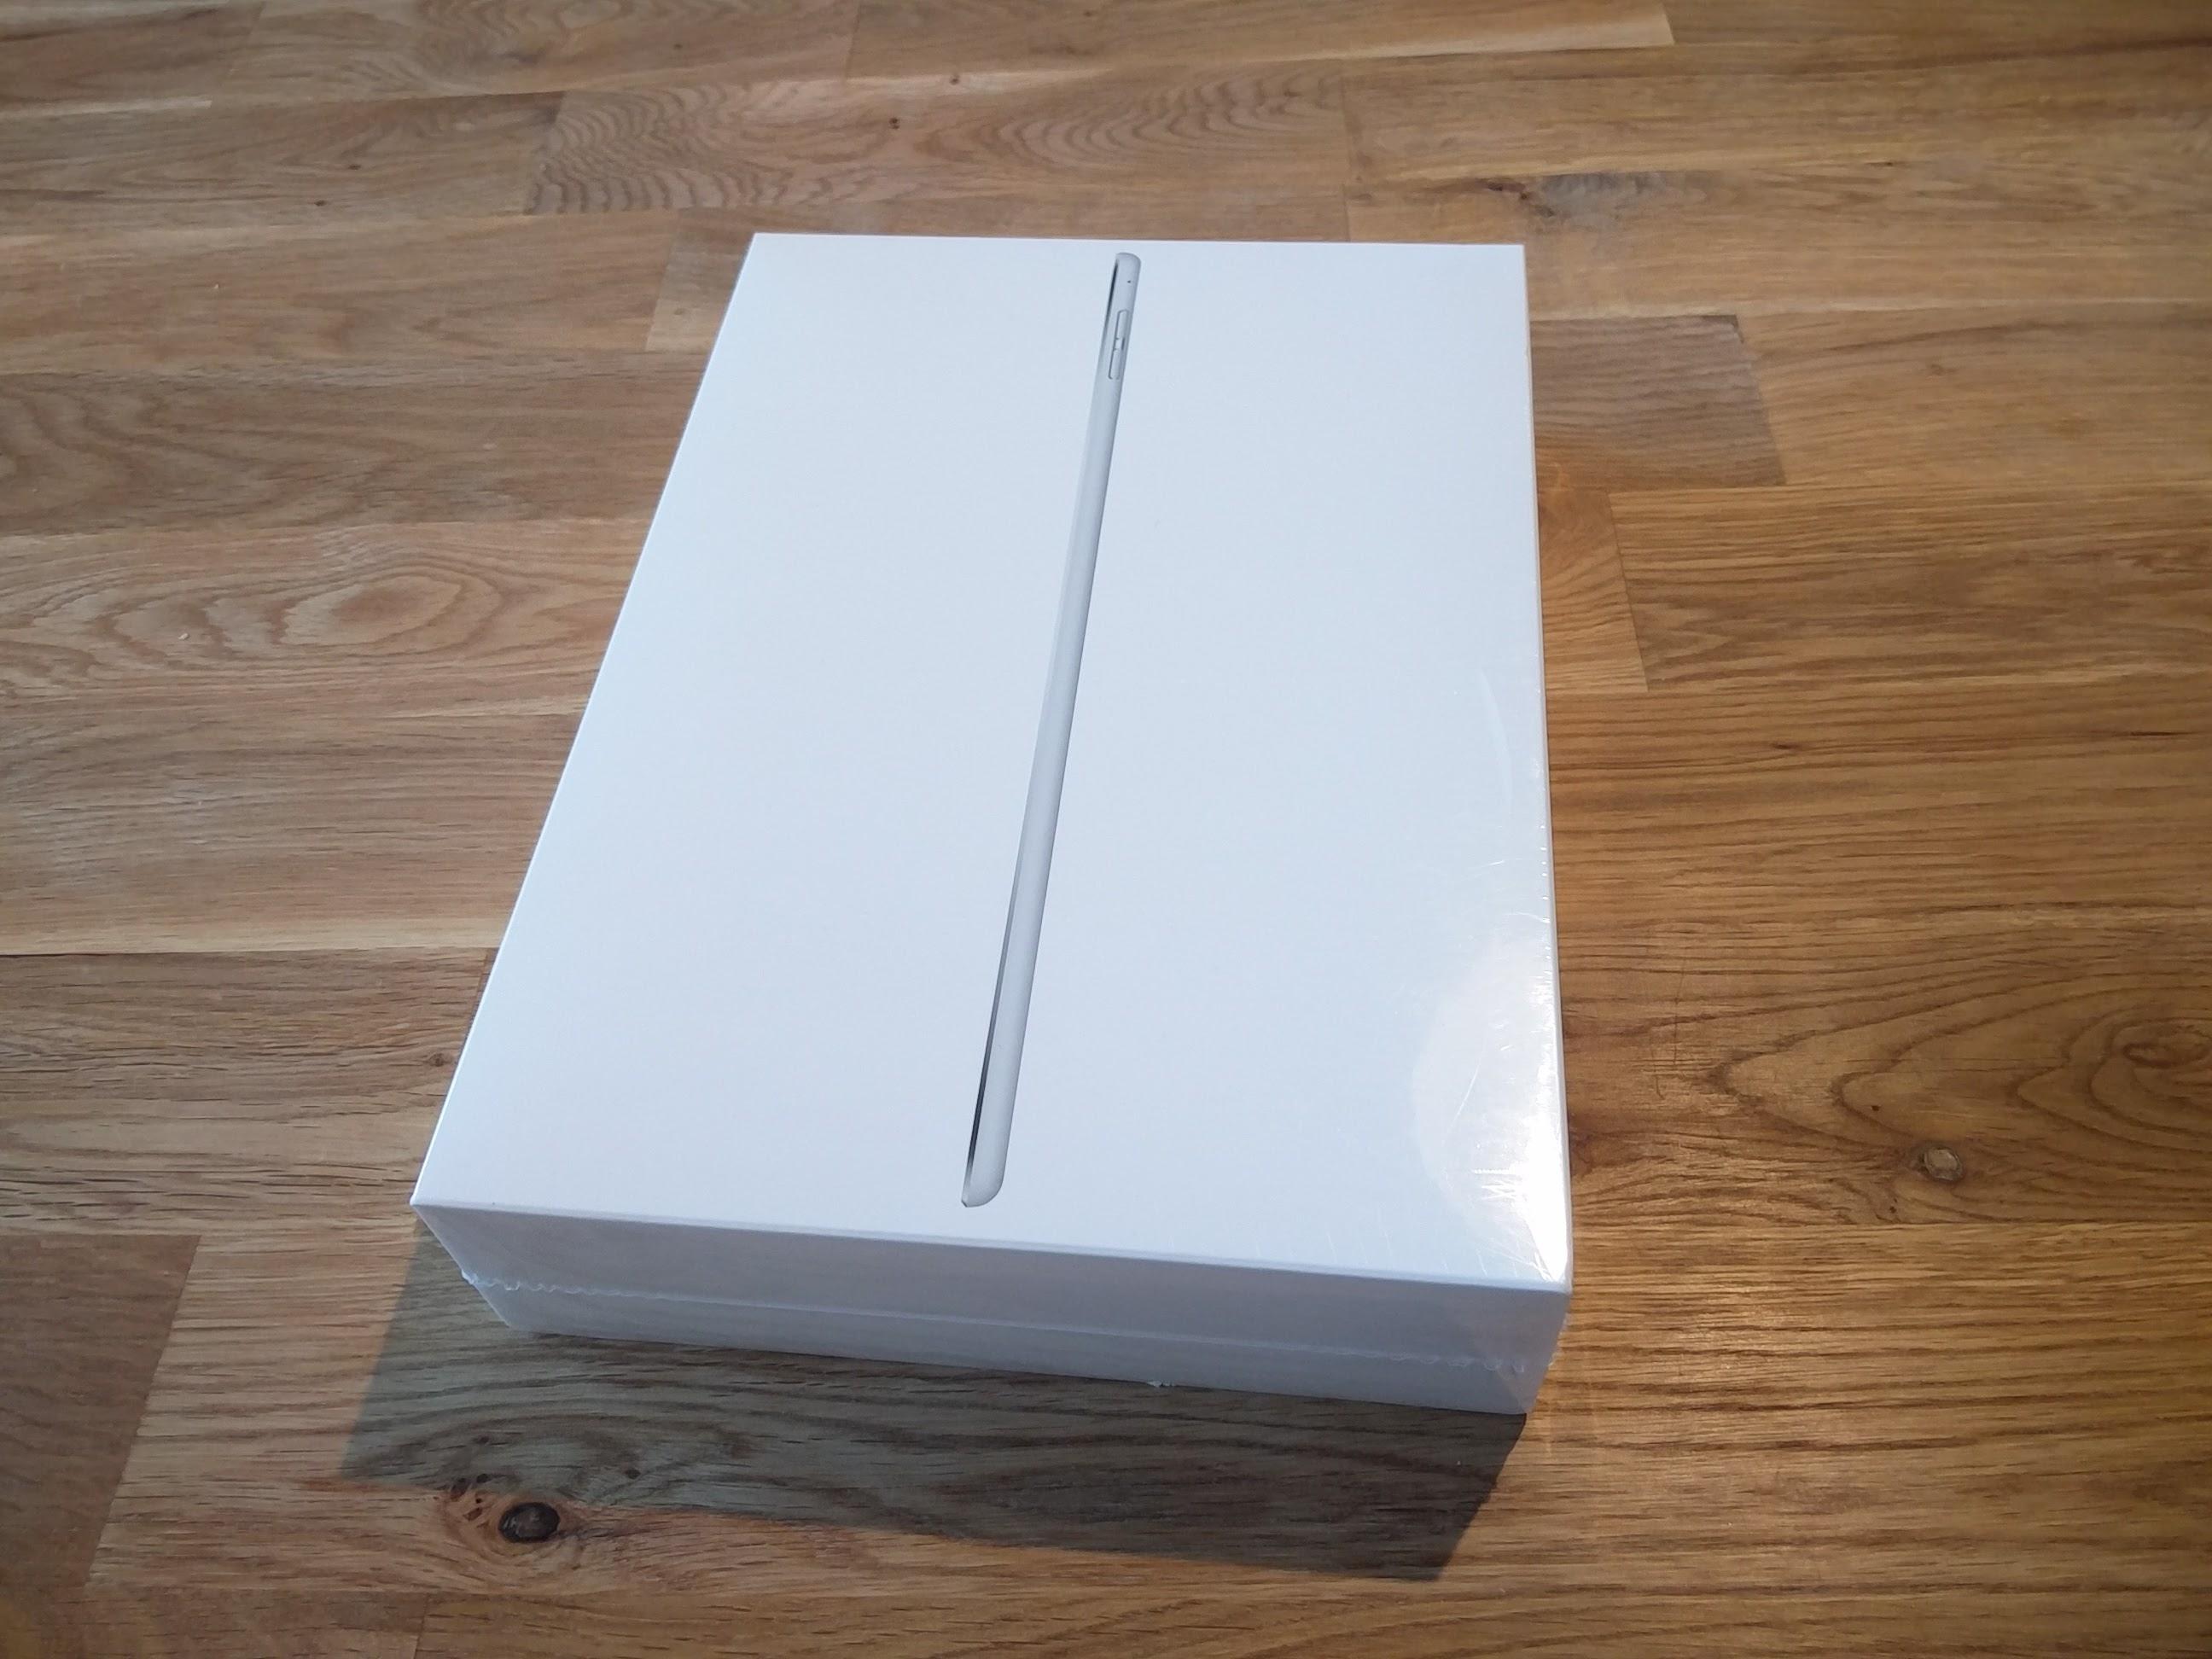 サンタさんがうちの妻にもってきたiPad Air 2!我が家では累計3台目のiPadとなります。